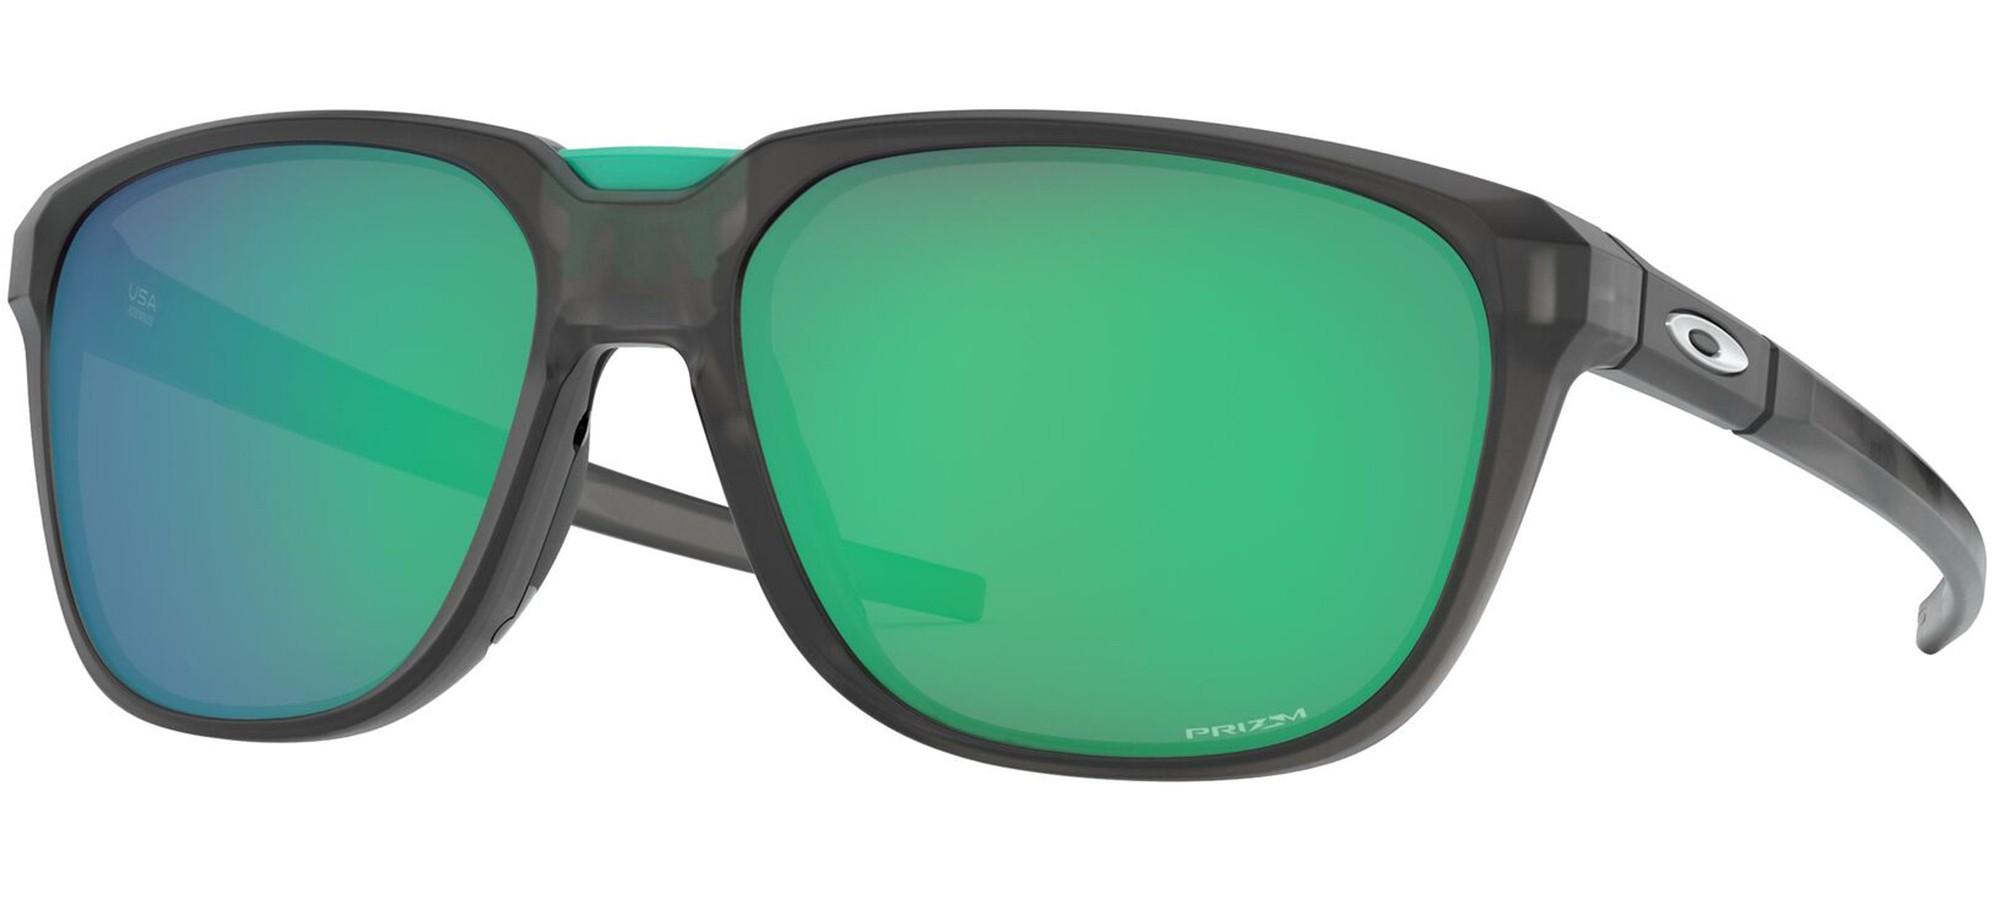 Oakley solbriller OAKLEY ANORAK OO 9420